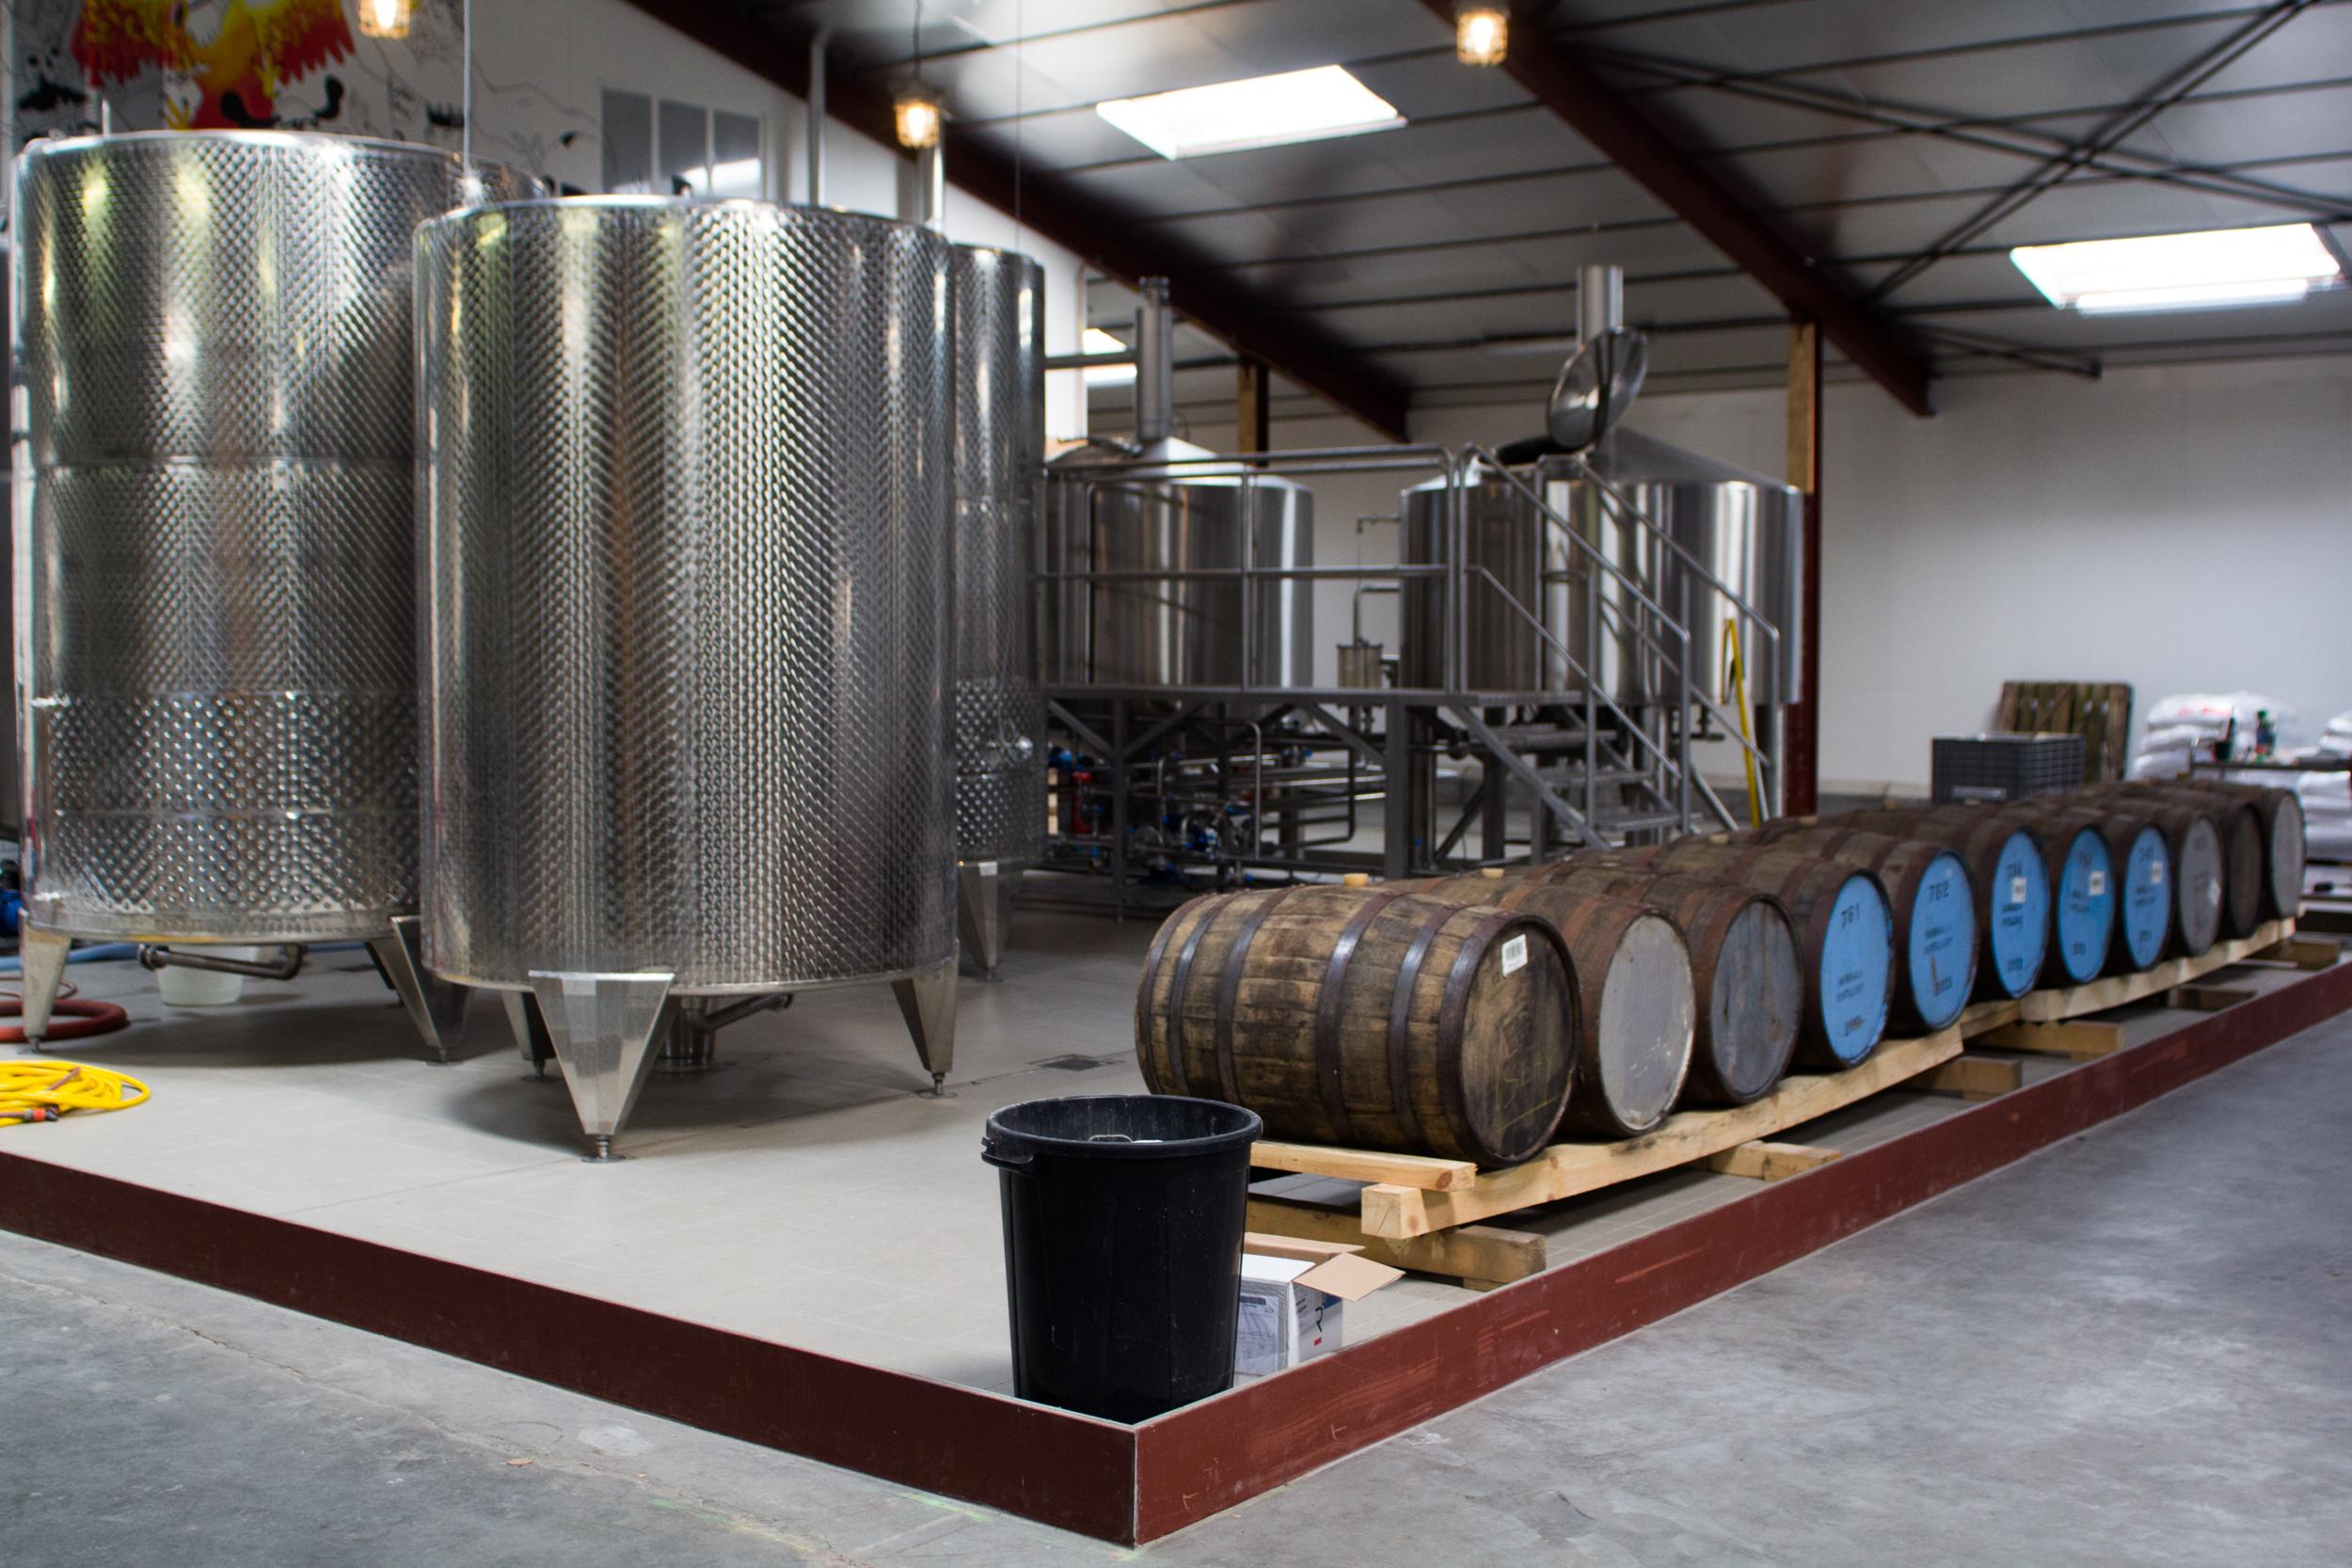 Brouwerij 't Verzet